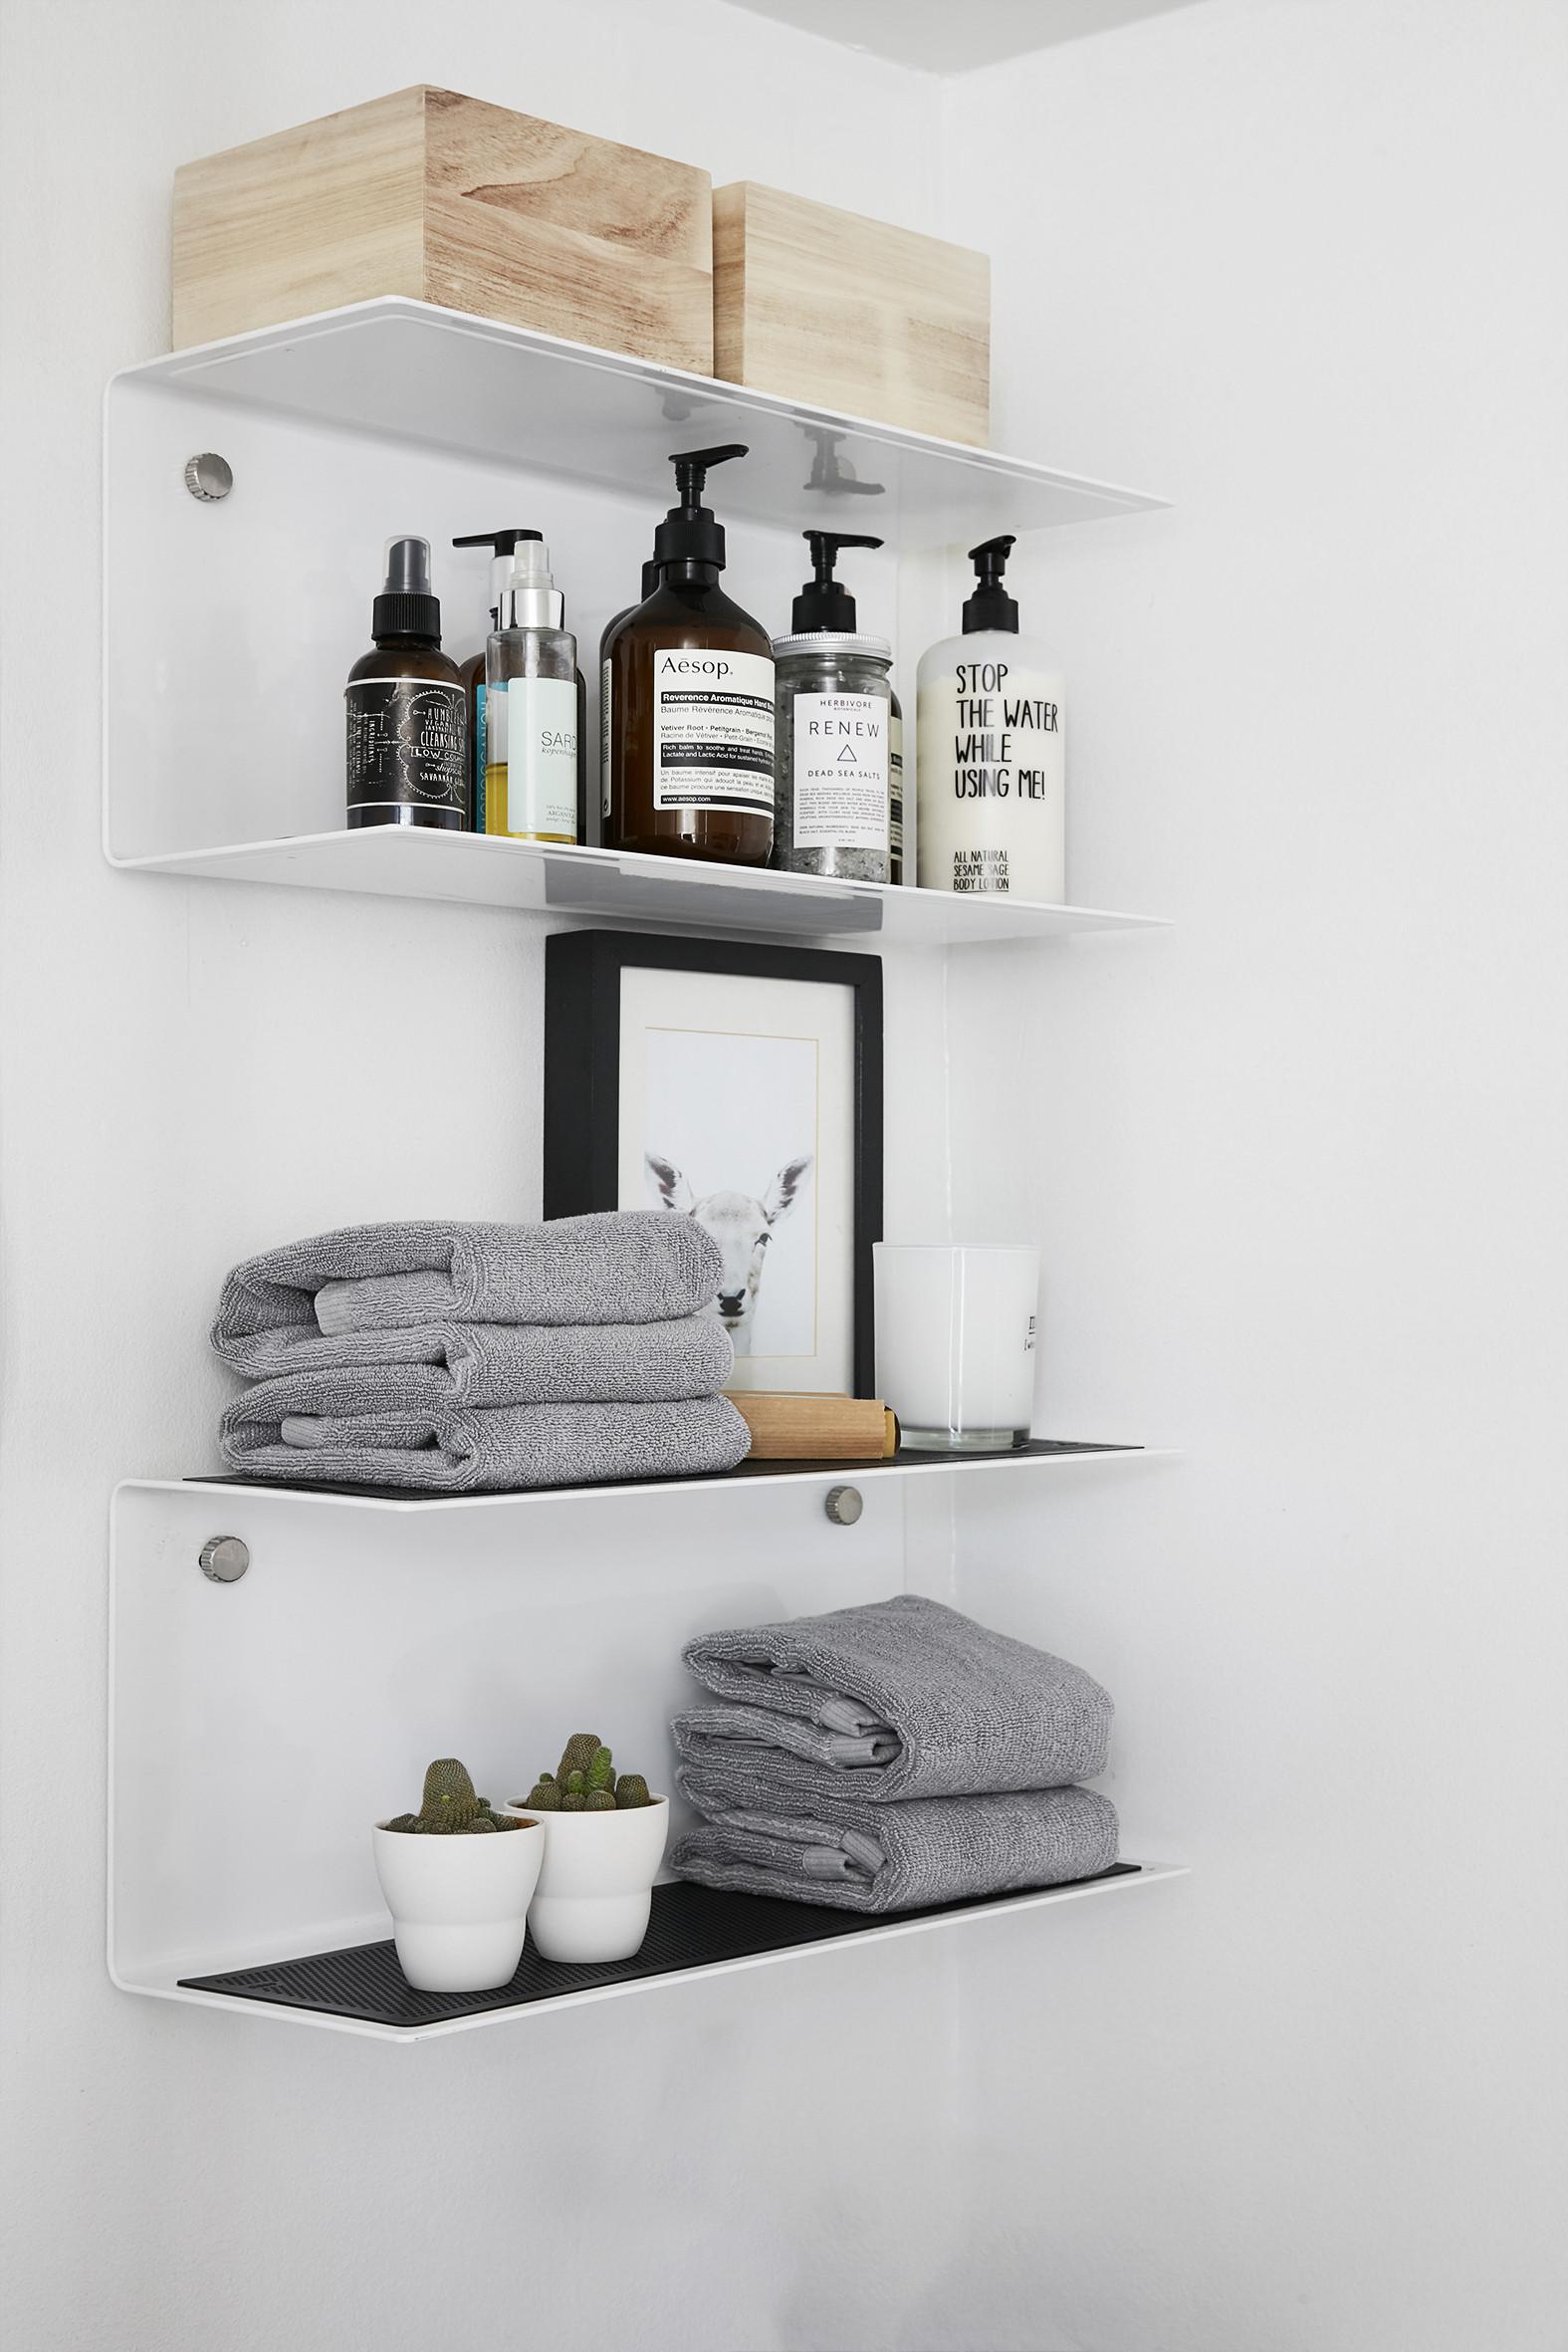 vipp Guest Towel grey VIPP102, 10201, 5705953165923